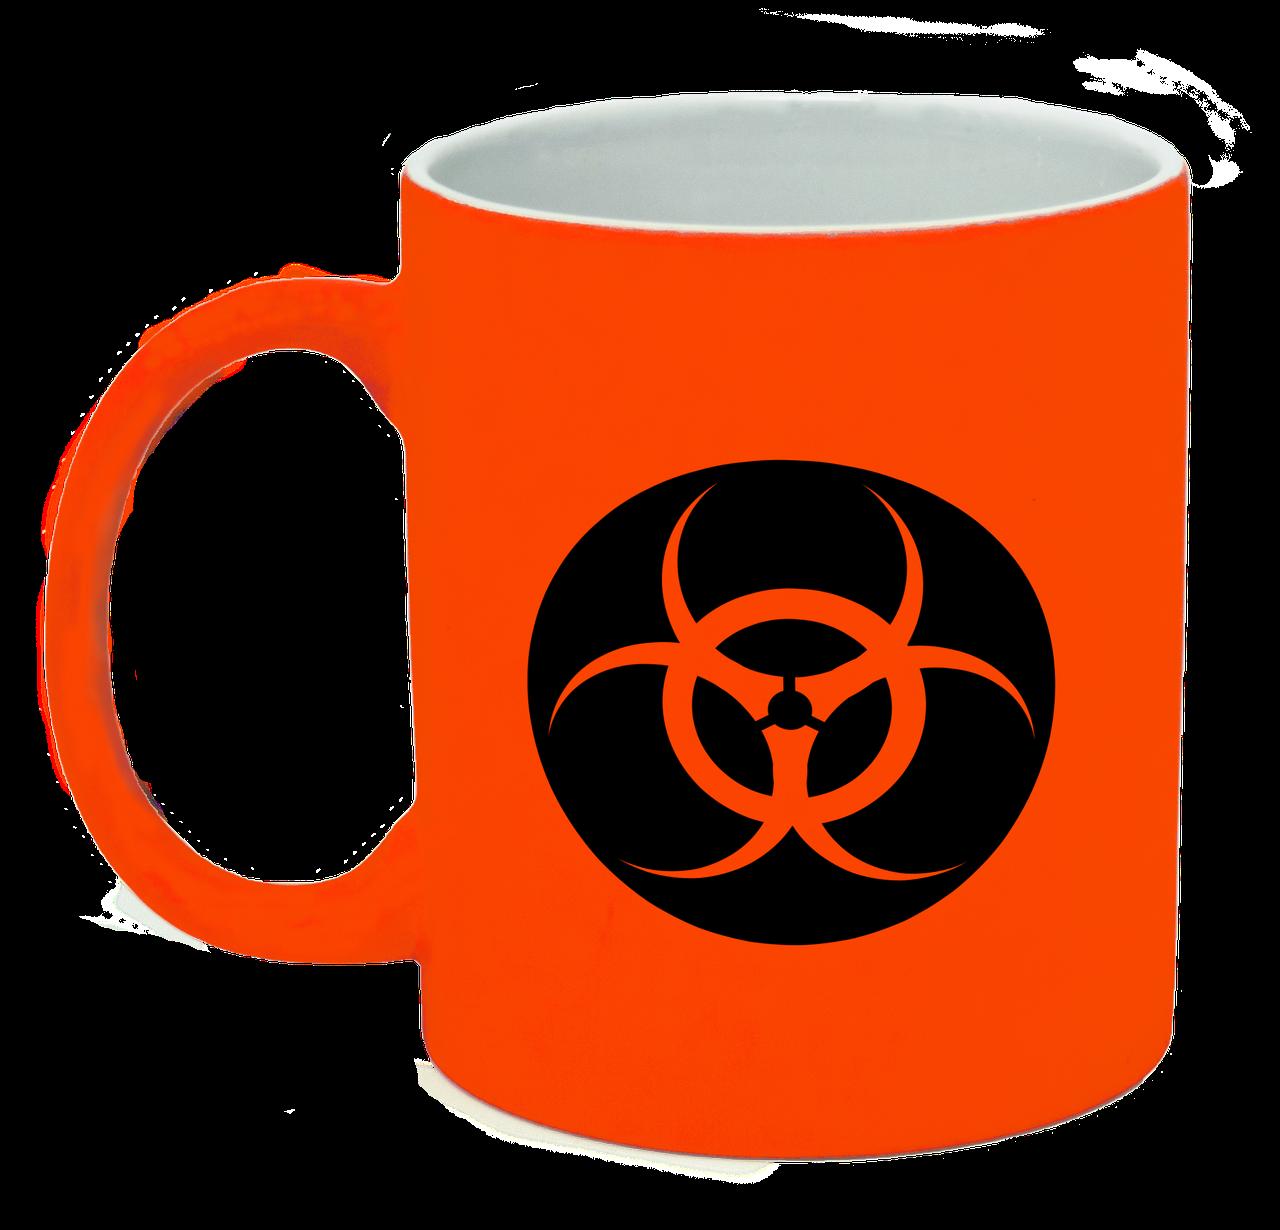 Неоновая матовая чашка Биологическая опасность в круге, ярко-оранжевая